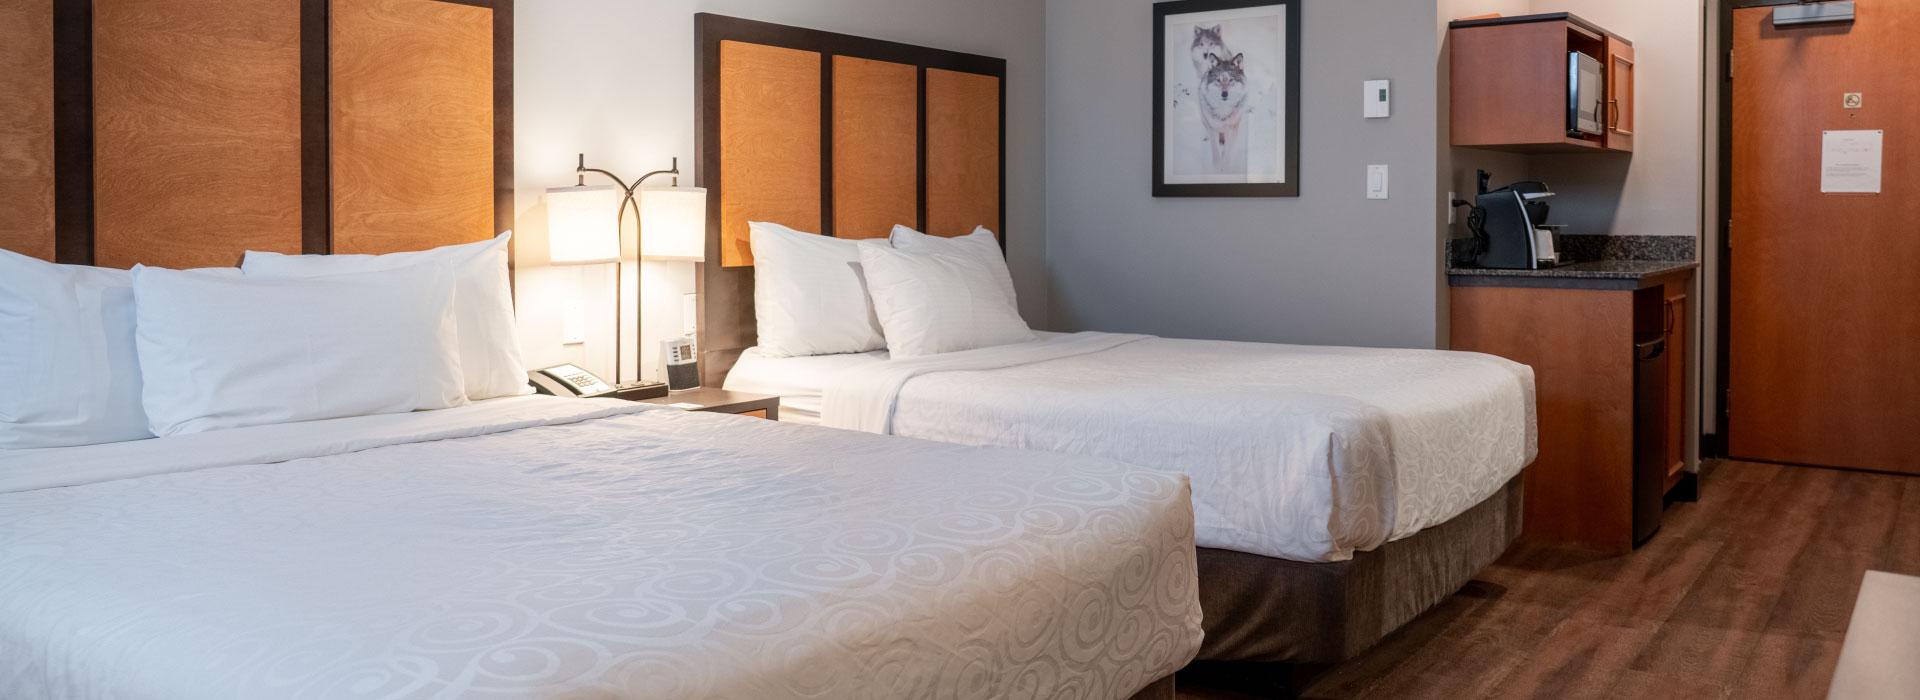 Standard Hotel Room 2 Queens